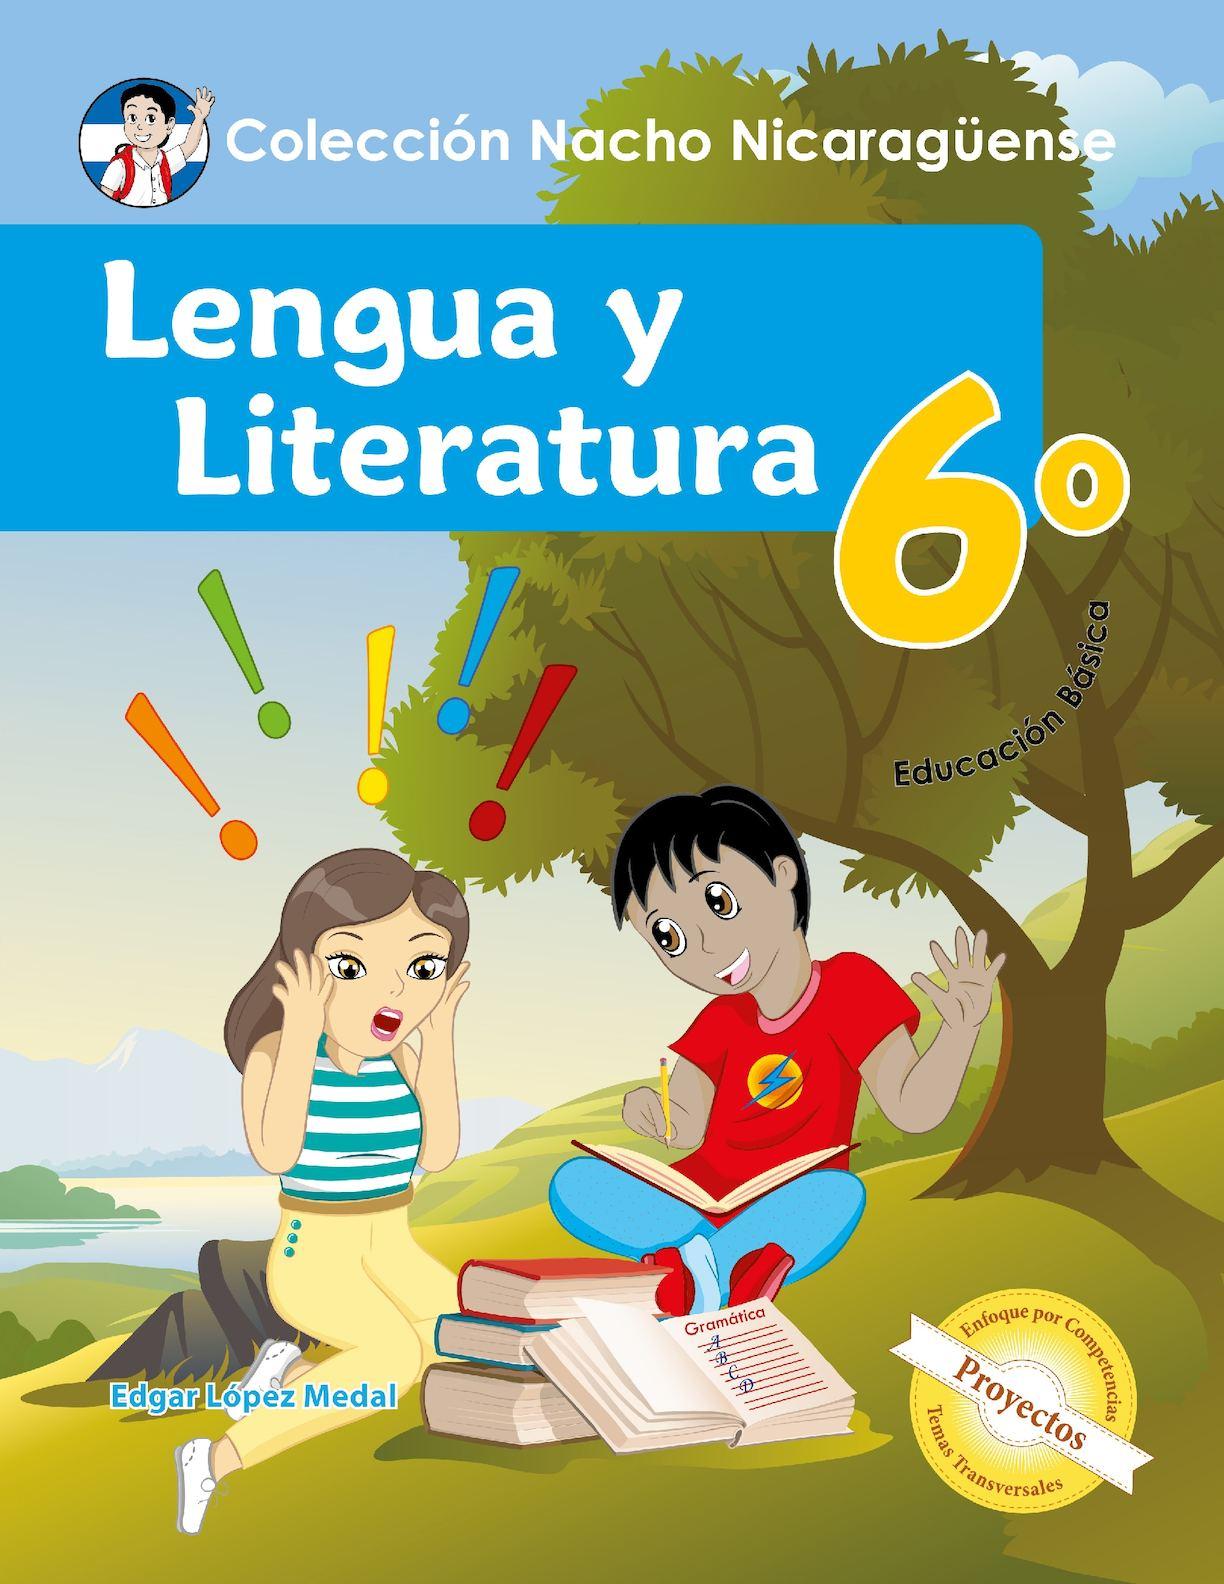 Lengua y Literatura 6 Grado